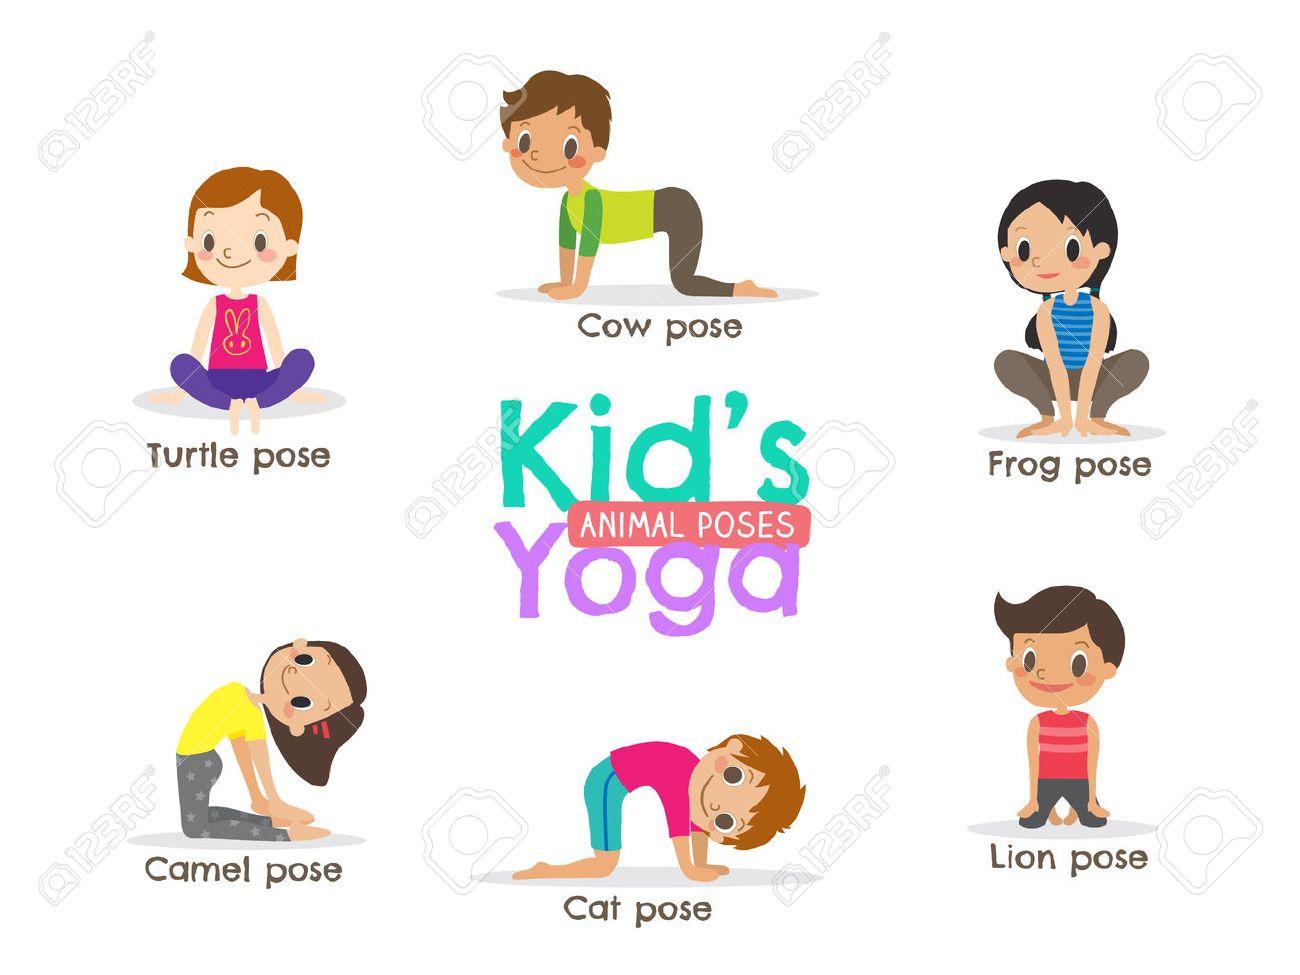 yoga kids poses cartoon illustration - 56408726